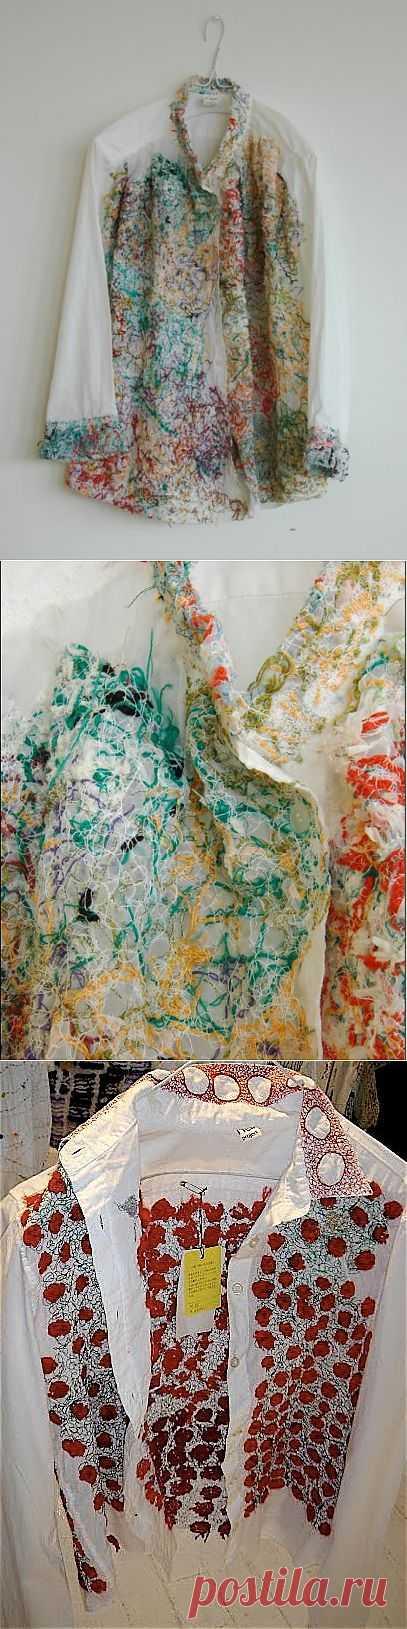 Иные возможности (трафик) / Вышивка / Модный сайт о стильной переделке одежды и интерьера